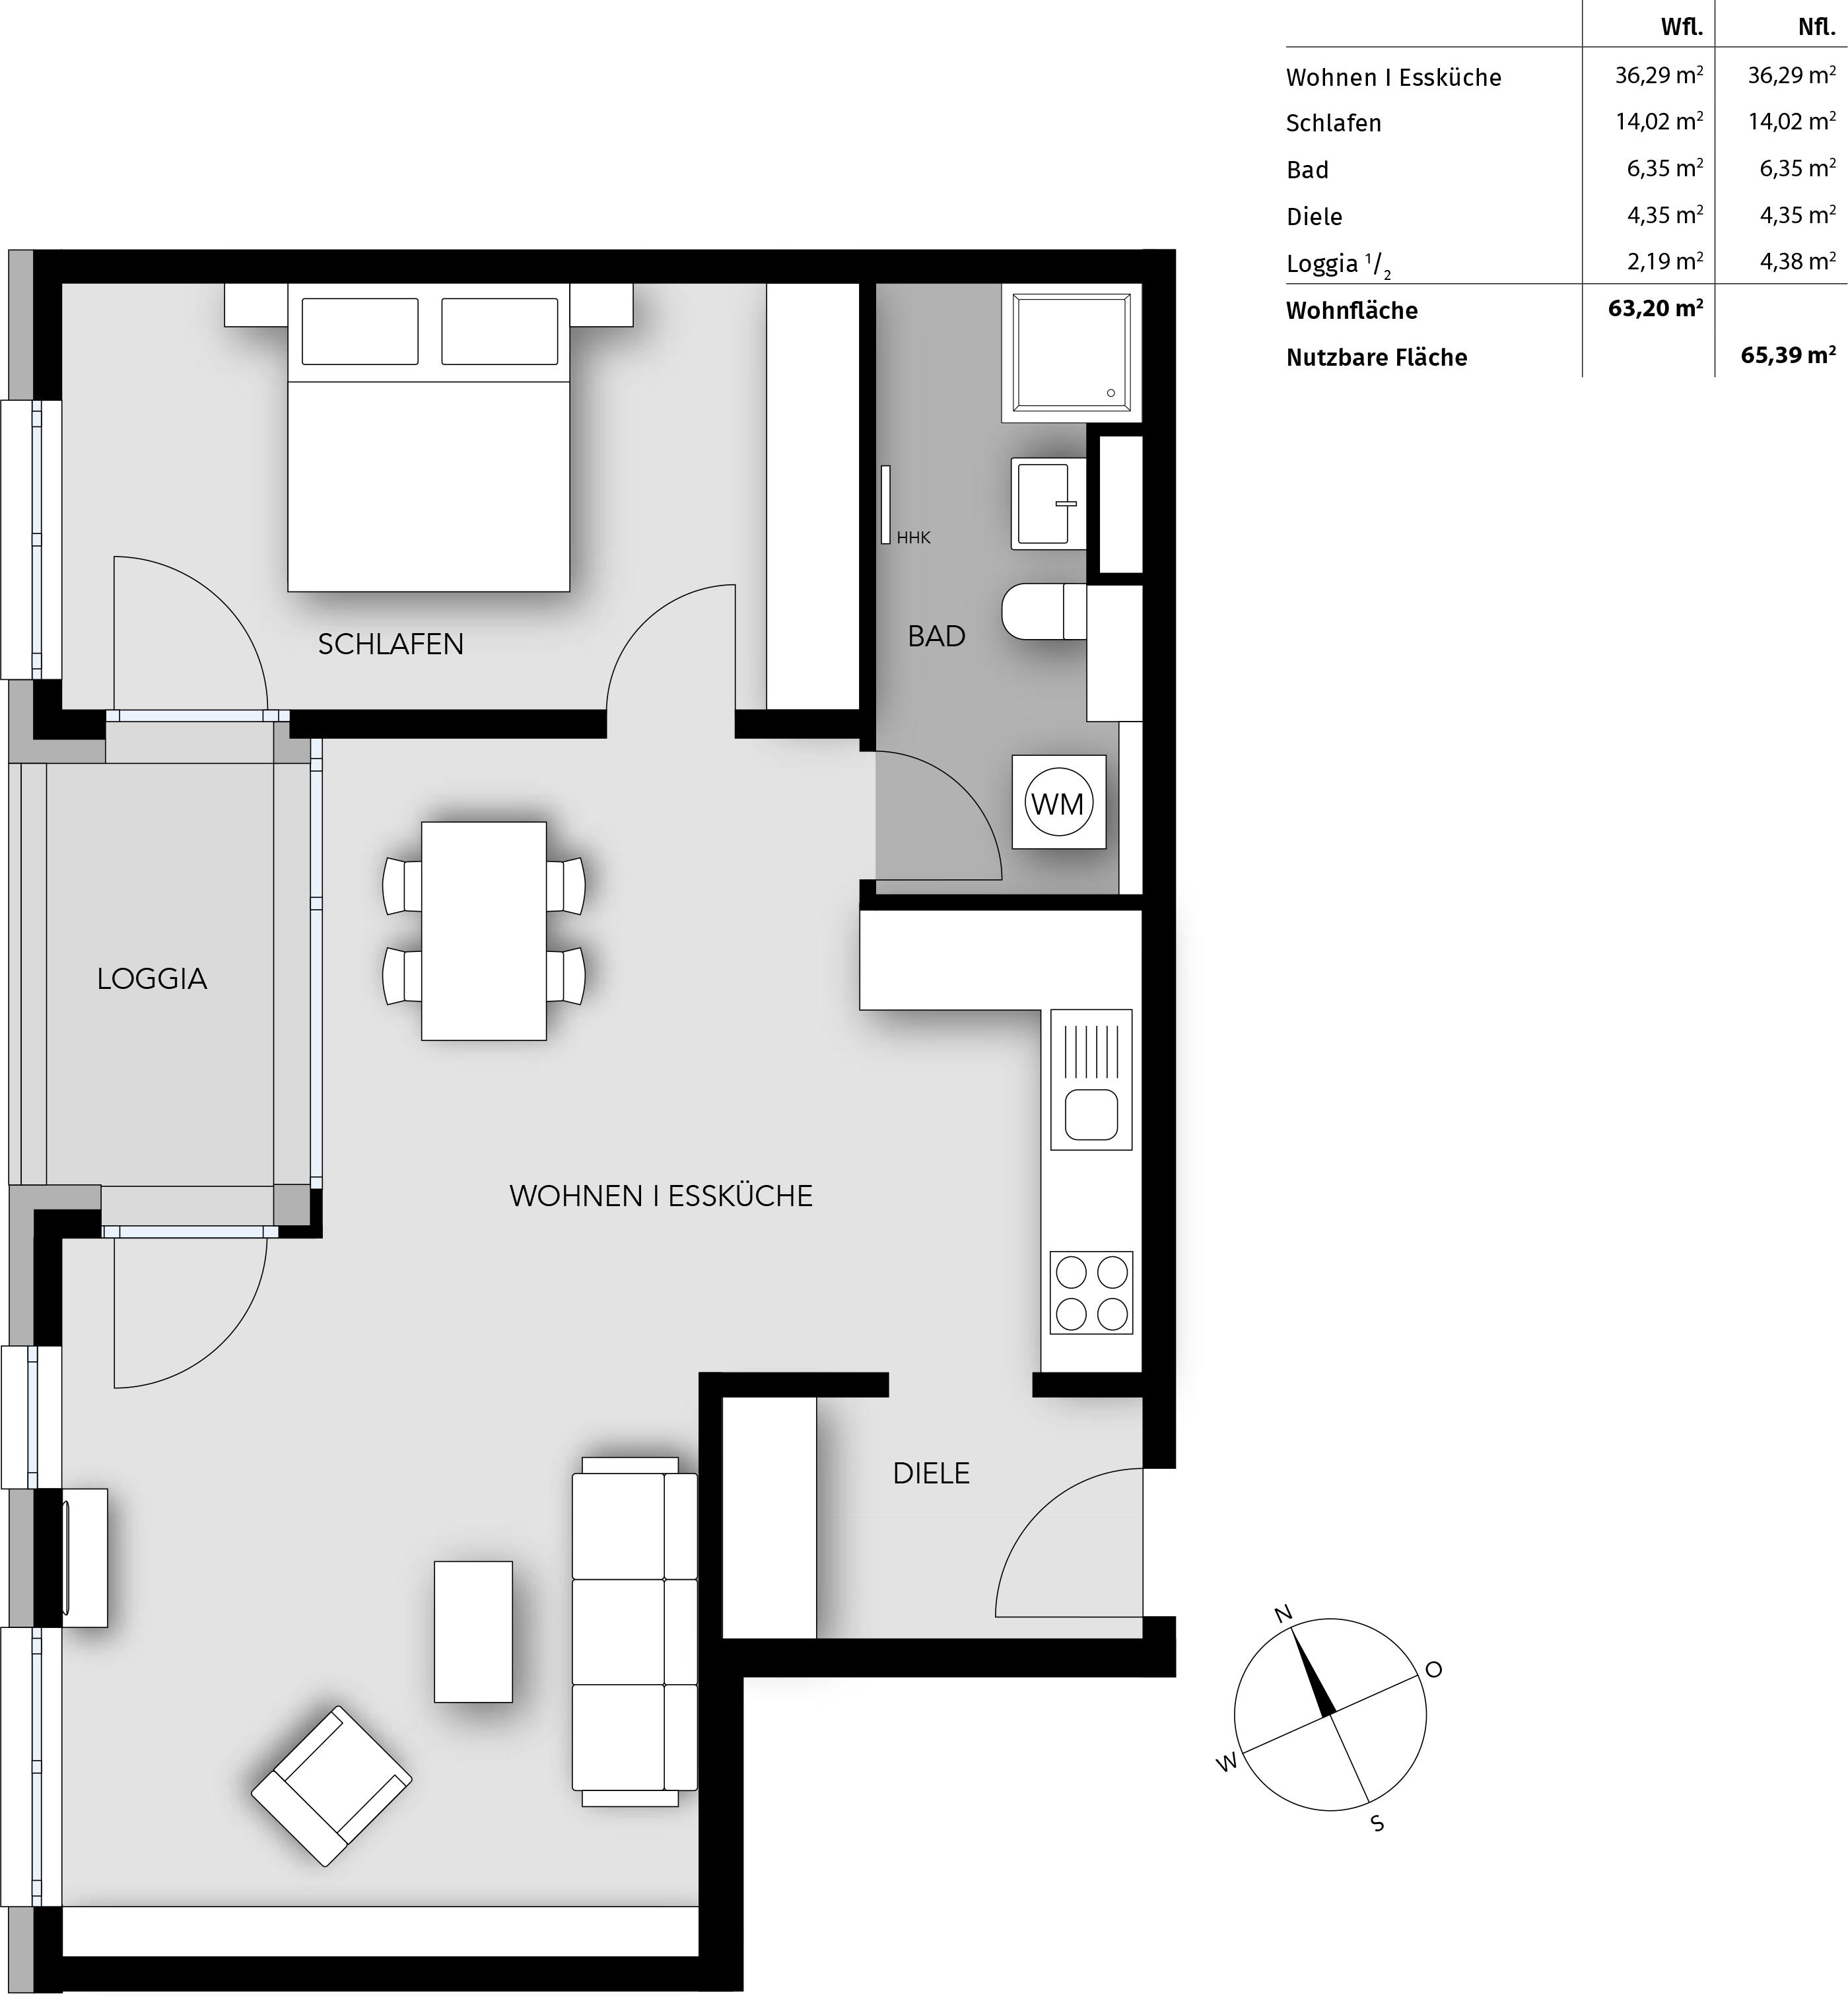 Innenausstattung wohnung beispiele  BayHaus Immobilien: Wohnen am Südpark